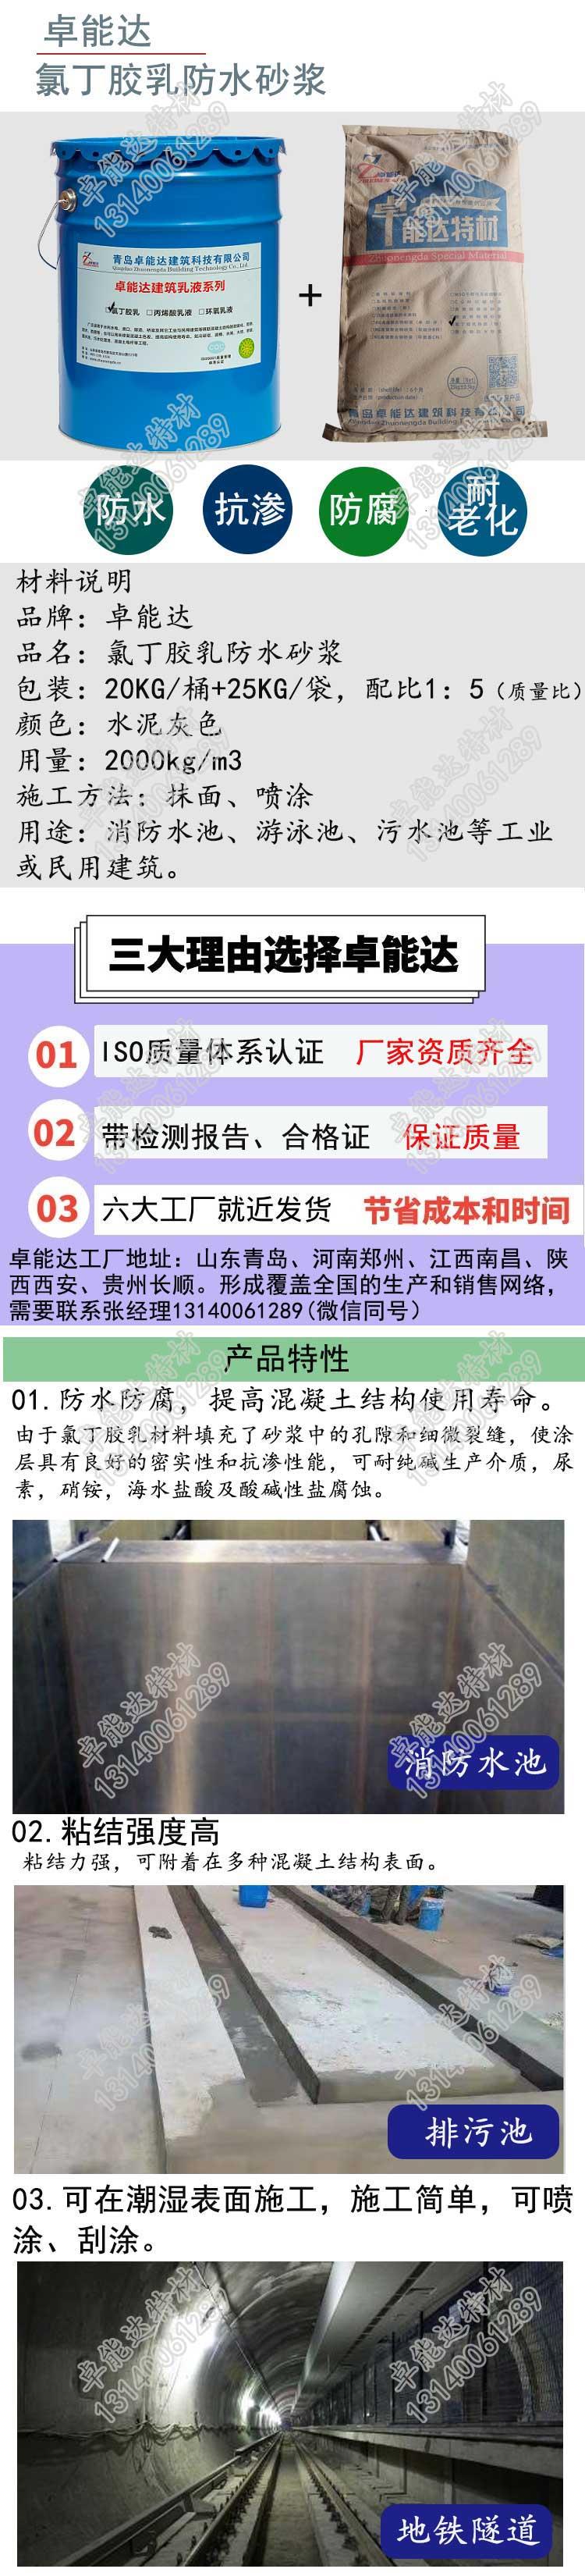 卓能達氯丁膠乳防水砂漿詳情1-2.jpg